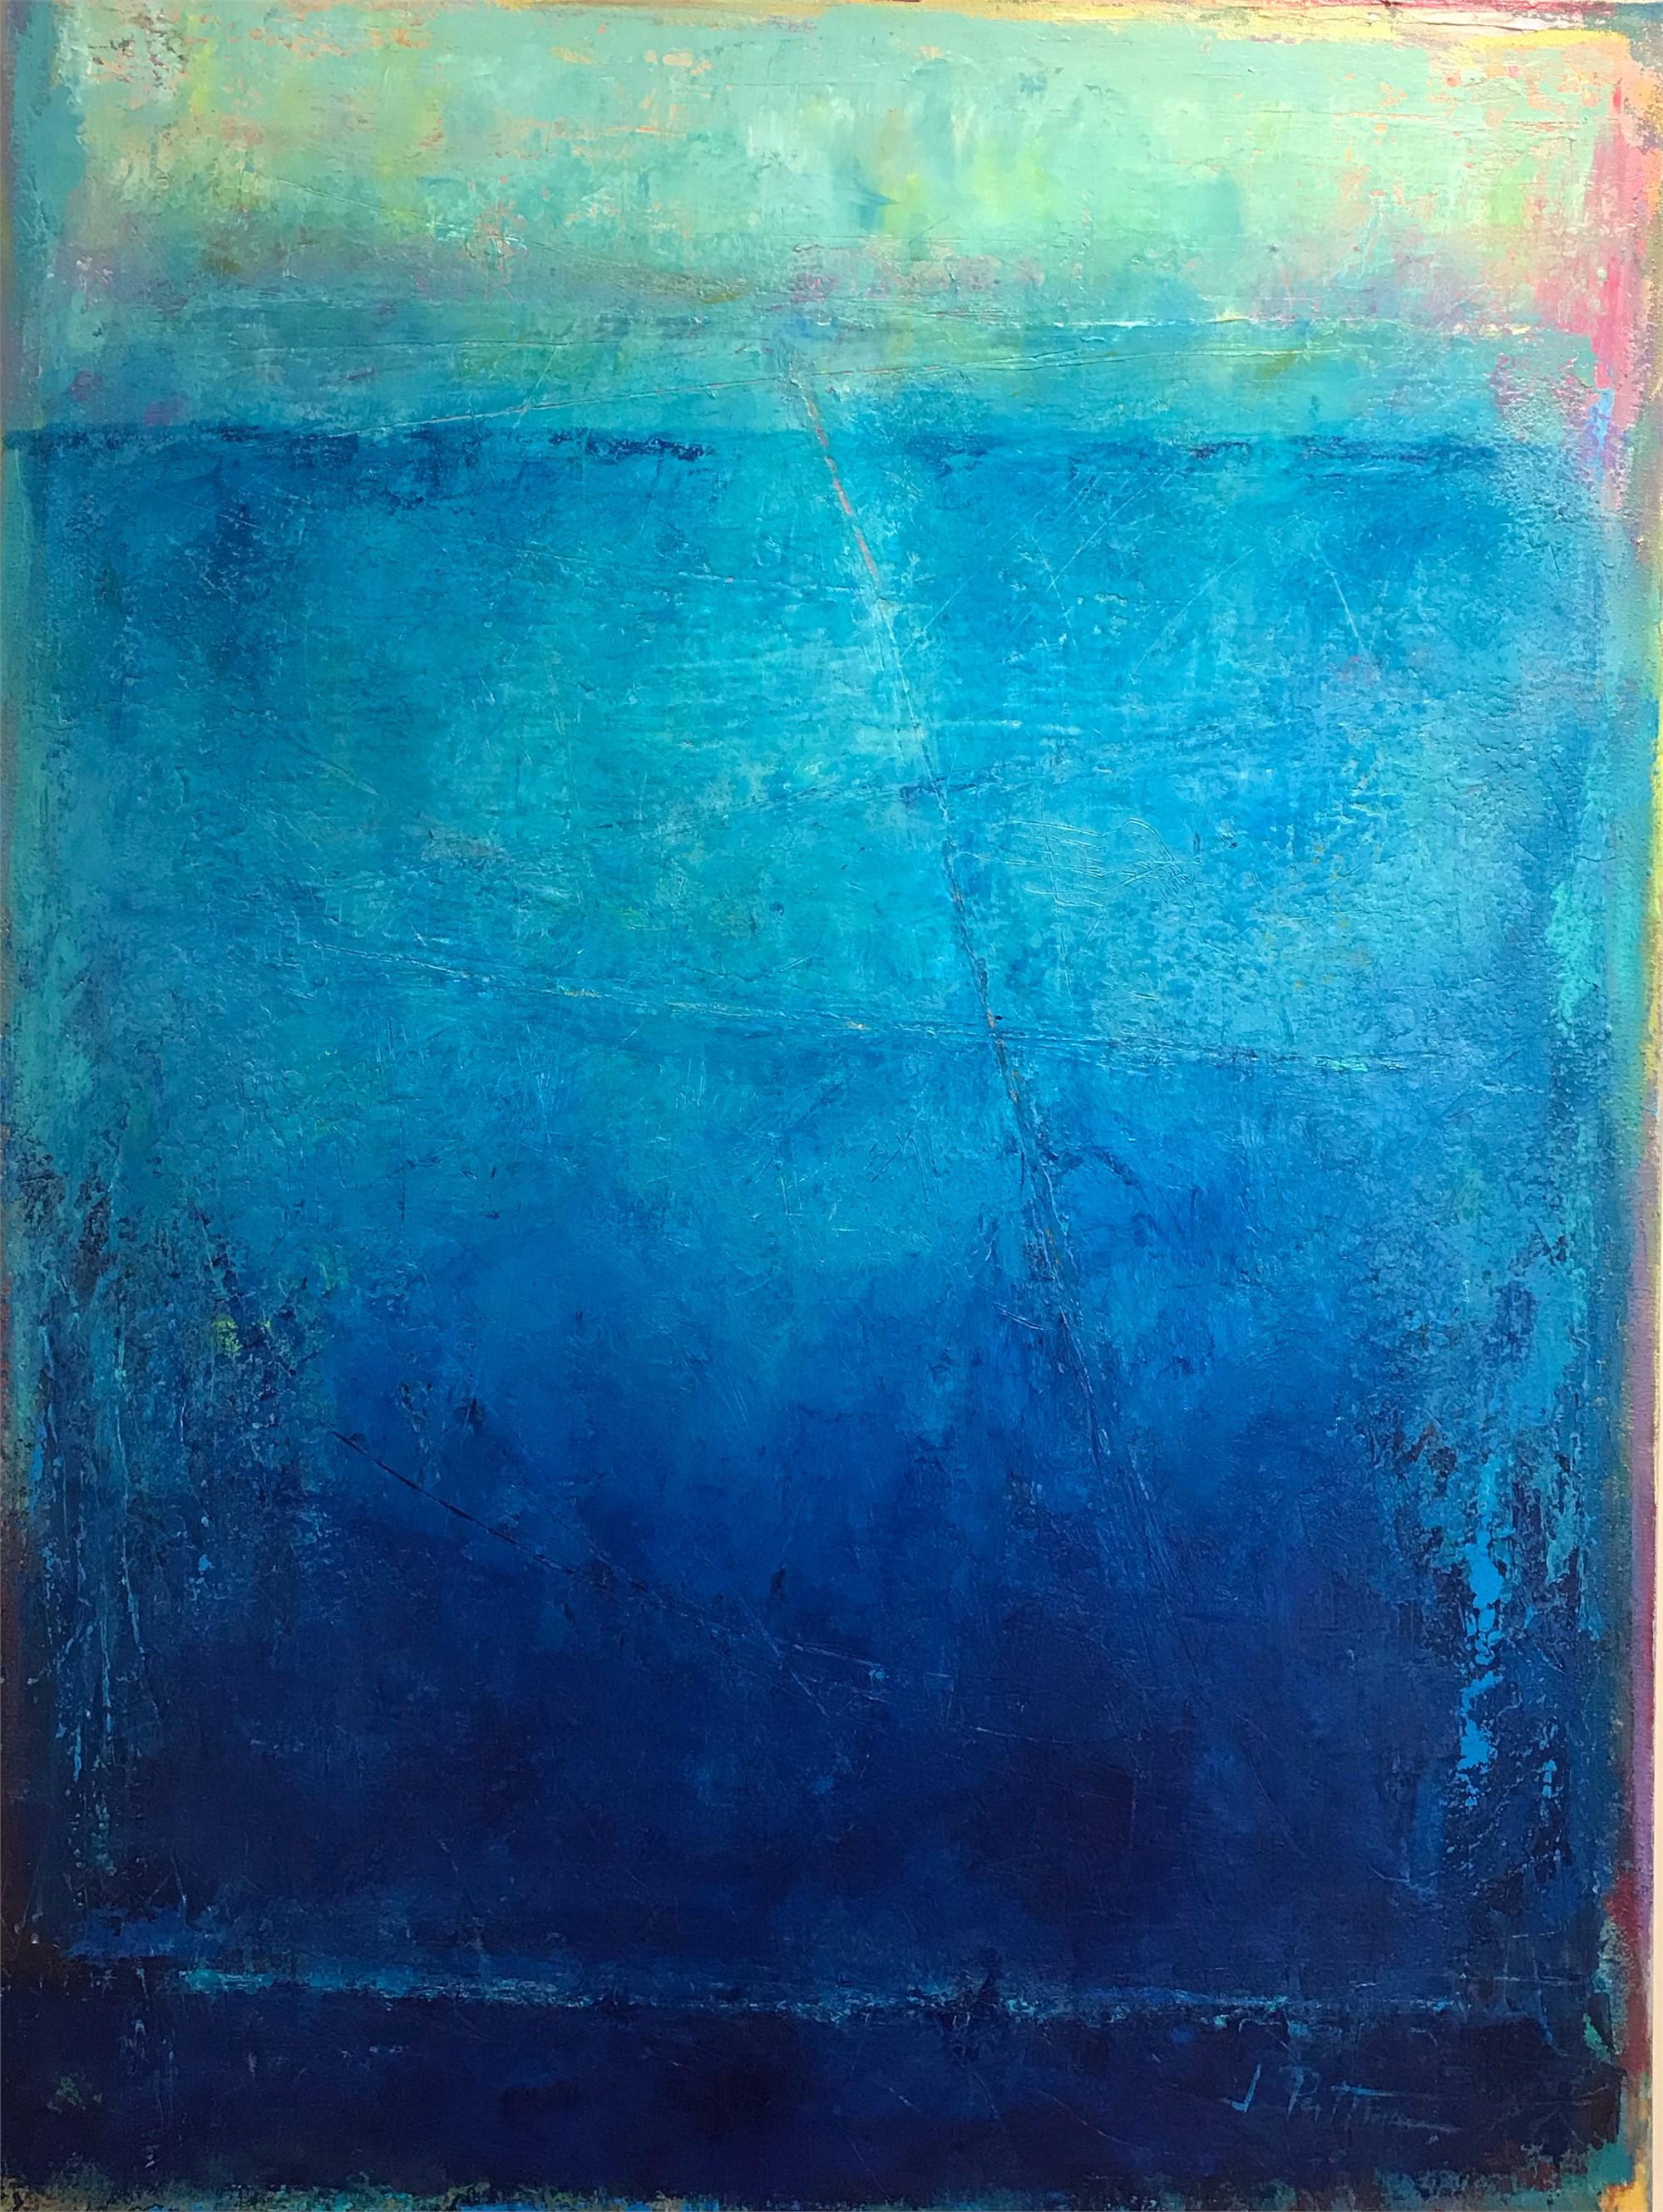 Southern Ocean 10 by Jim Pittman